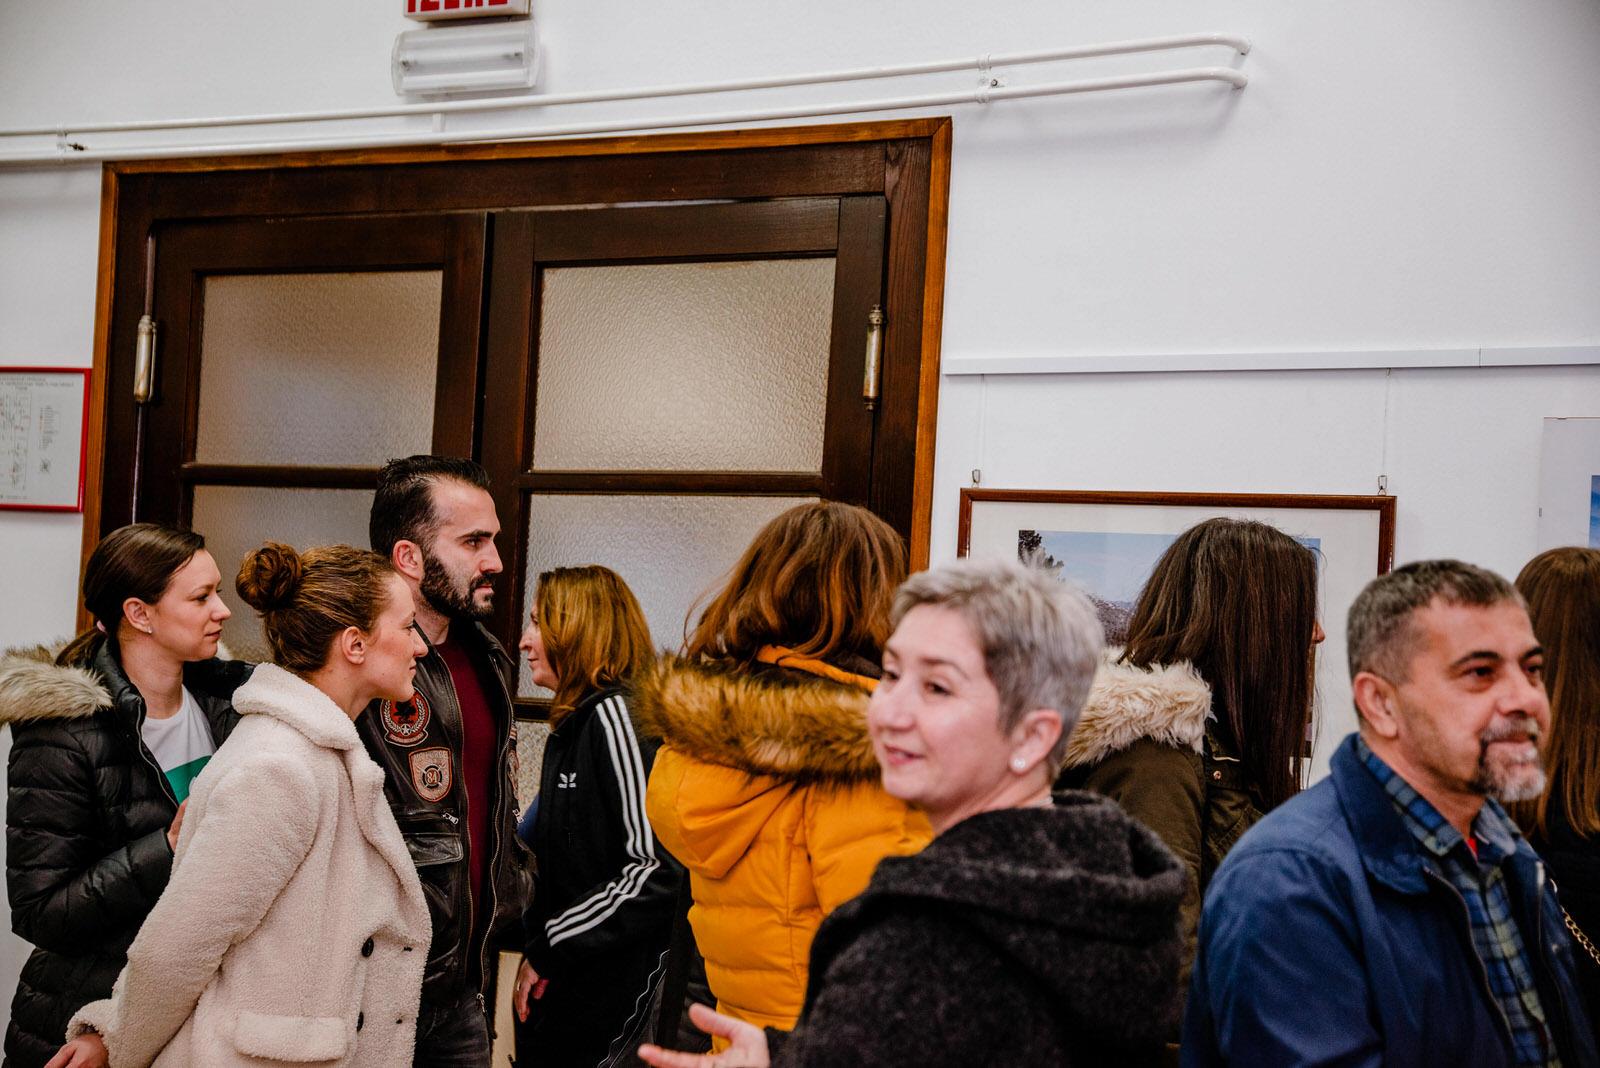 likaclub_izložba fotografije nita ratković_2020 (22)